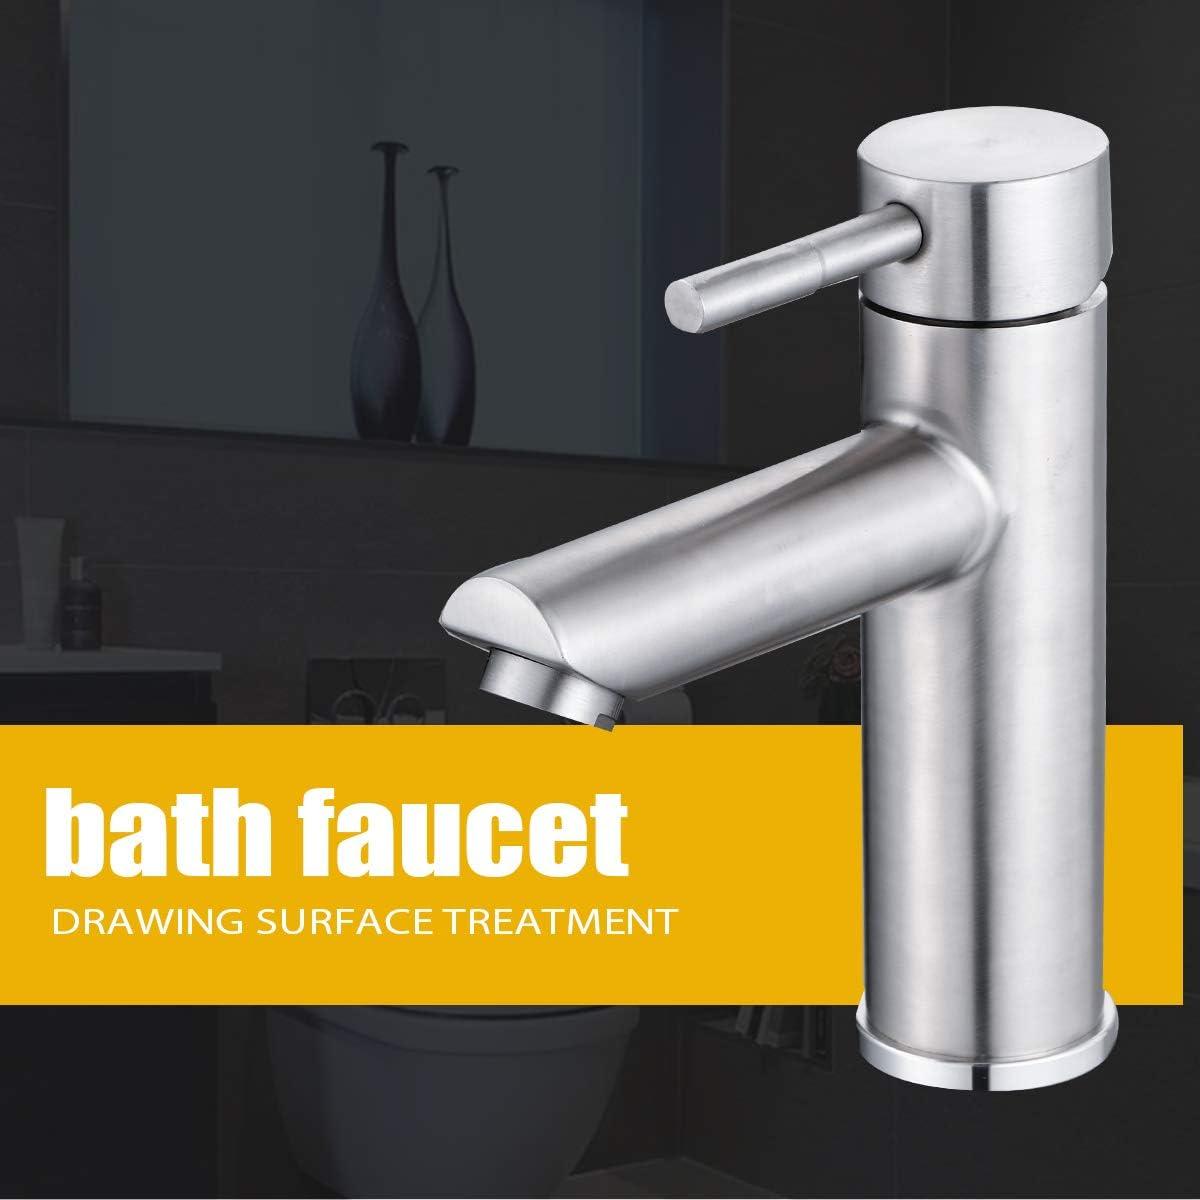 robinet de lavabo de salle de bain robinet de salle de bain /à poign/ée unique chrome FA-22801 Robinet de salle de bain moderne monotrou